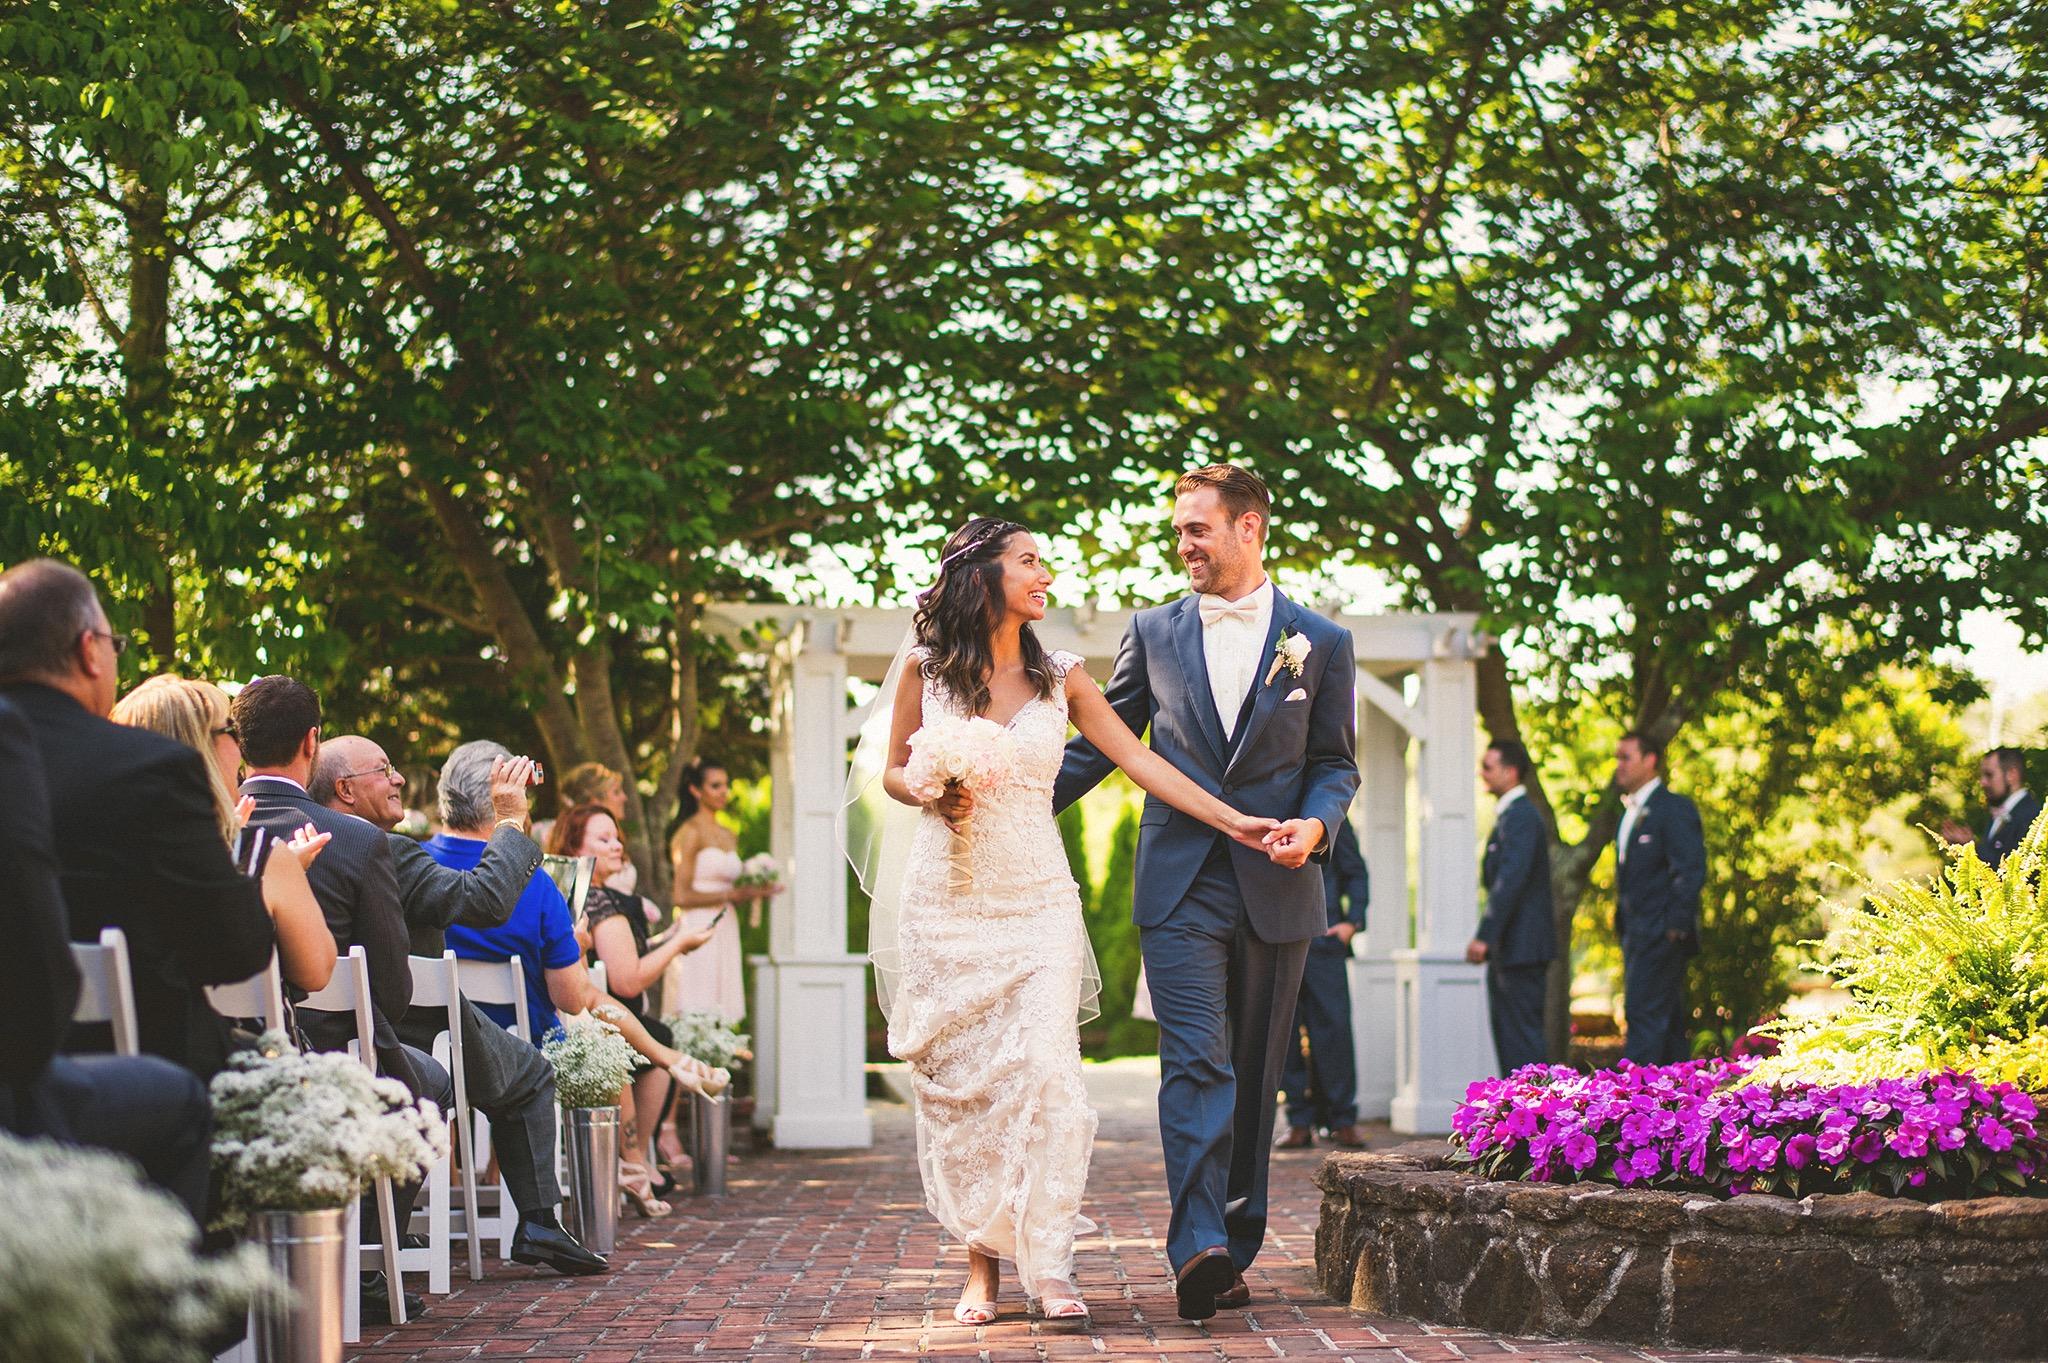 56-married-at-smithville-inn.jpg